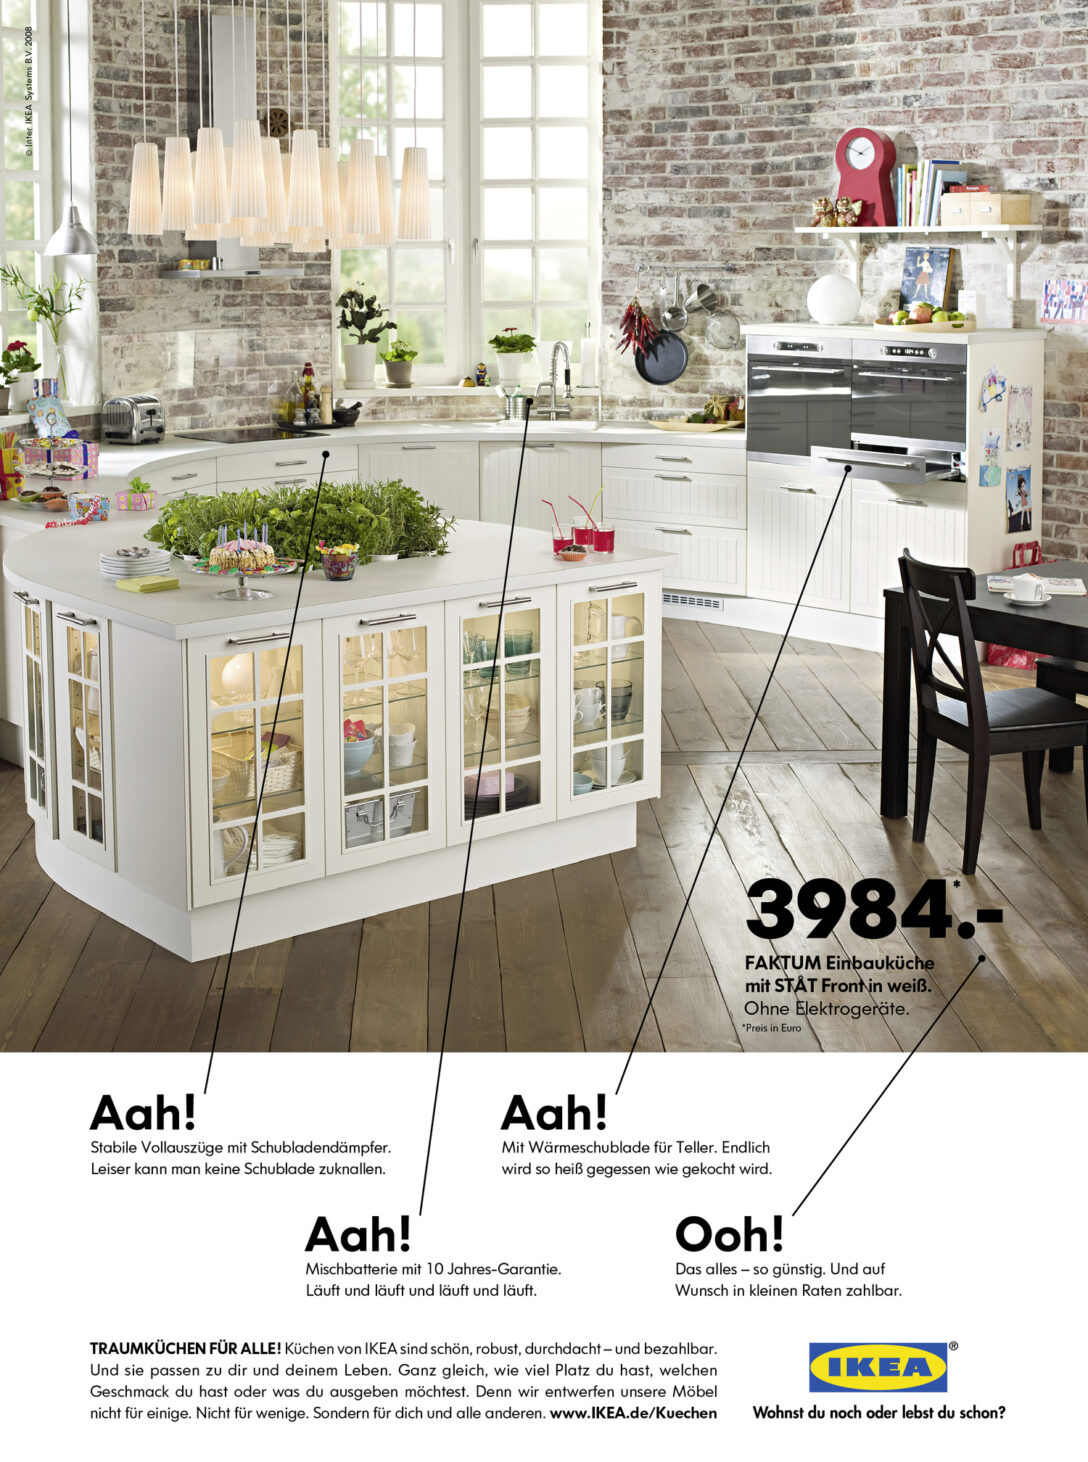 Large Size of Küche Kaufen Ikea Modulküche Holz Alu Fenster Preise Miniküche Weru Betten 160x200 Kosten Internorm Veka Schüco Bei Velux Küchen Regal Ruf Sofa Mit Wohnzimmer Ikea Küchen Preise